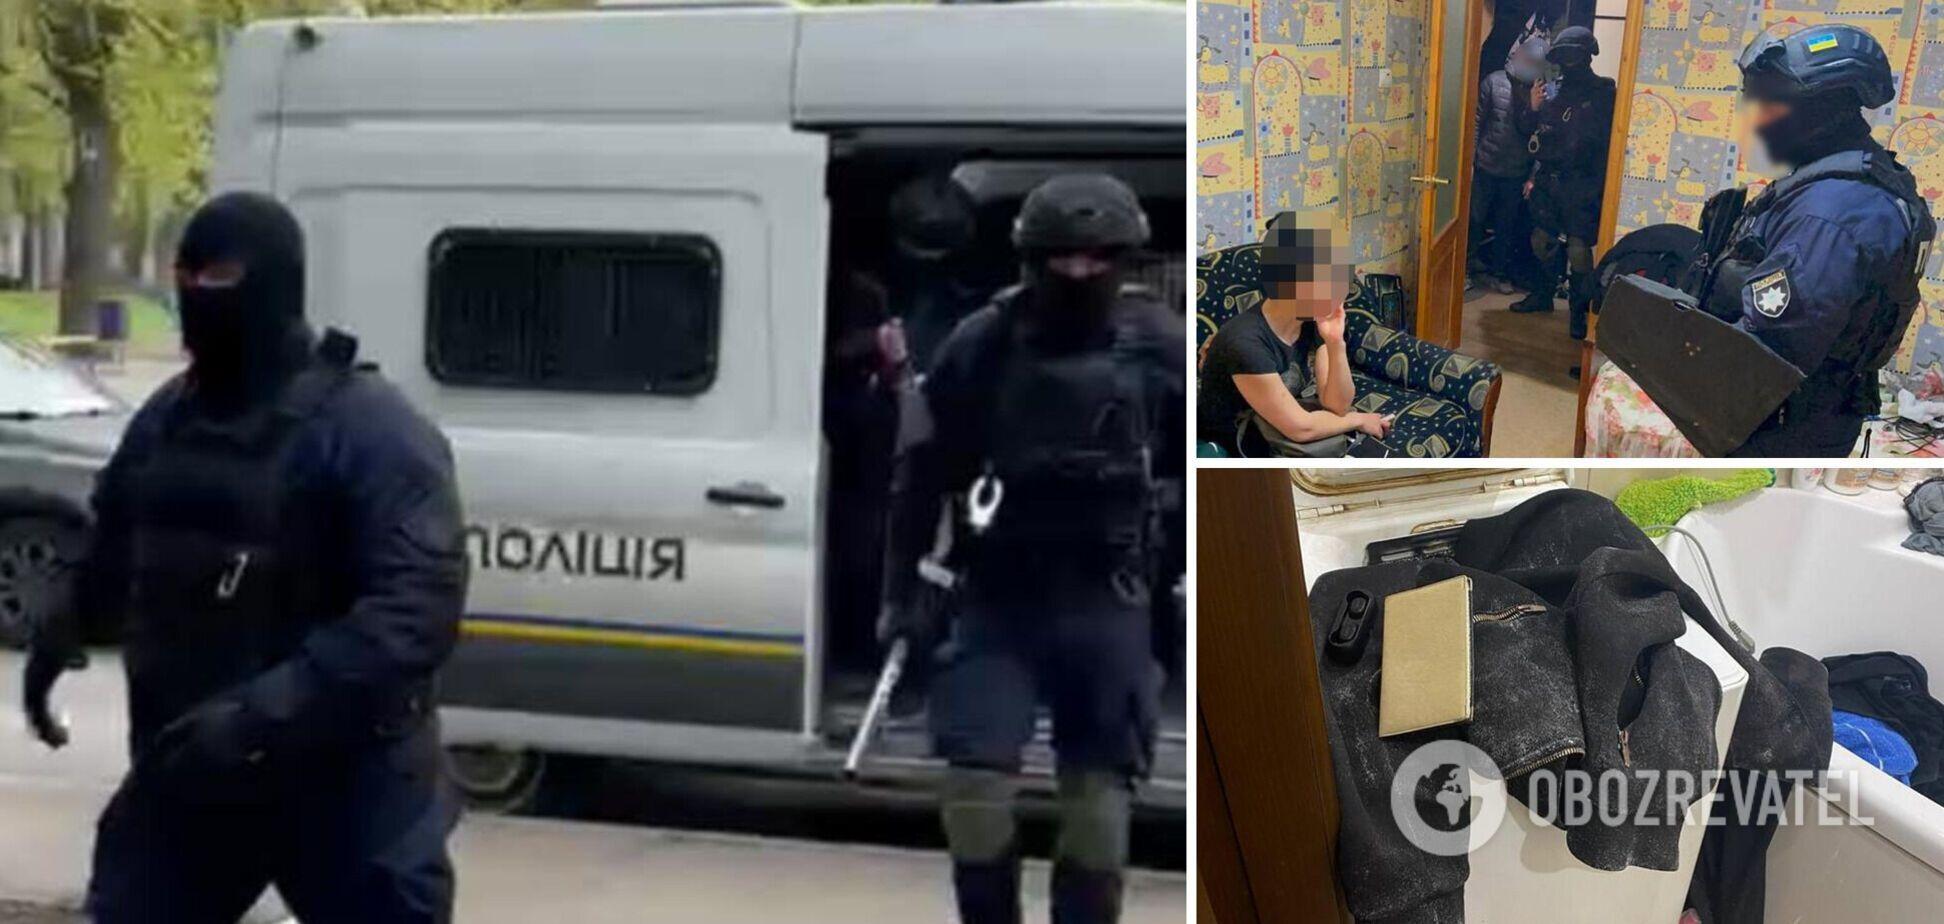 Затримання підозрюваного в подвійному вбивстві у Харкові